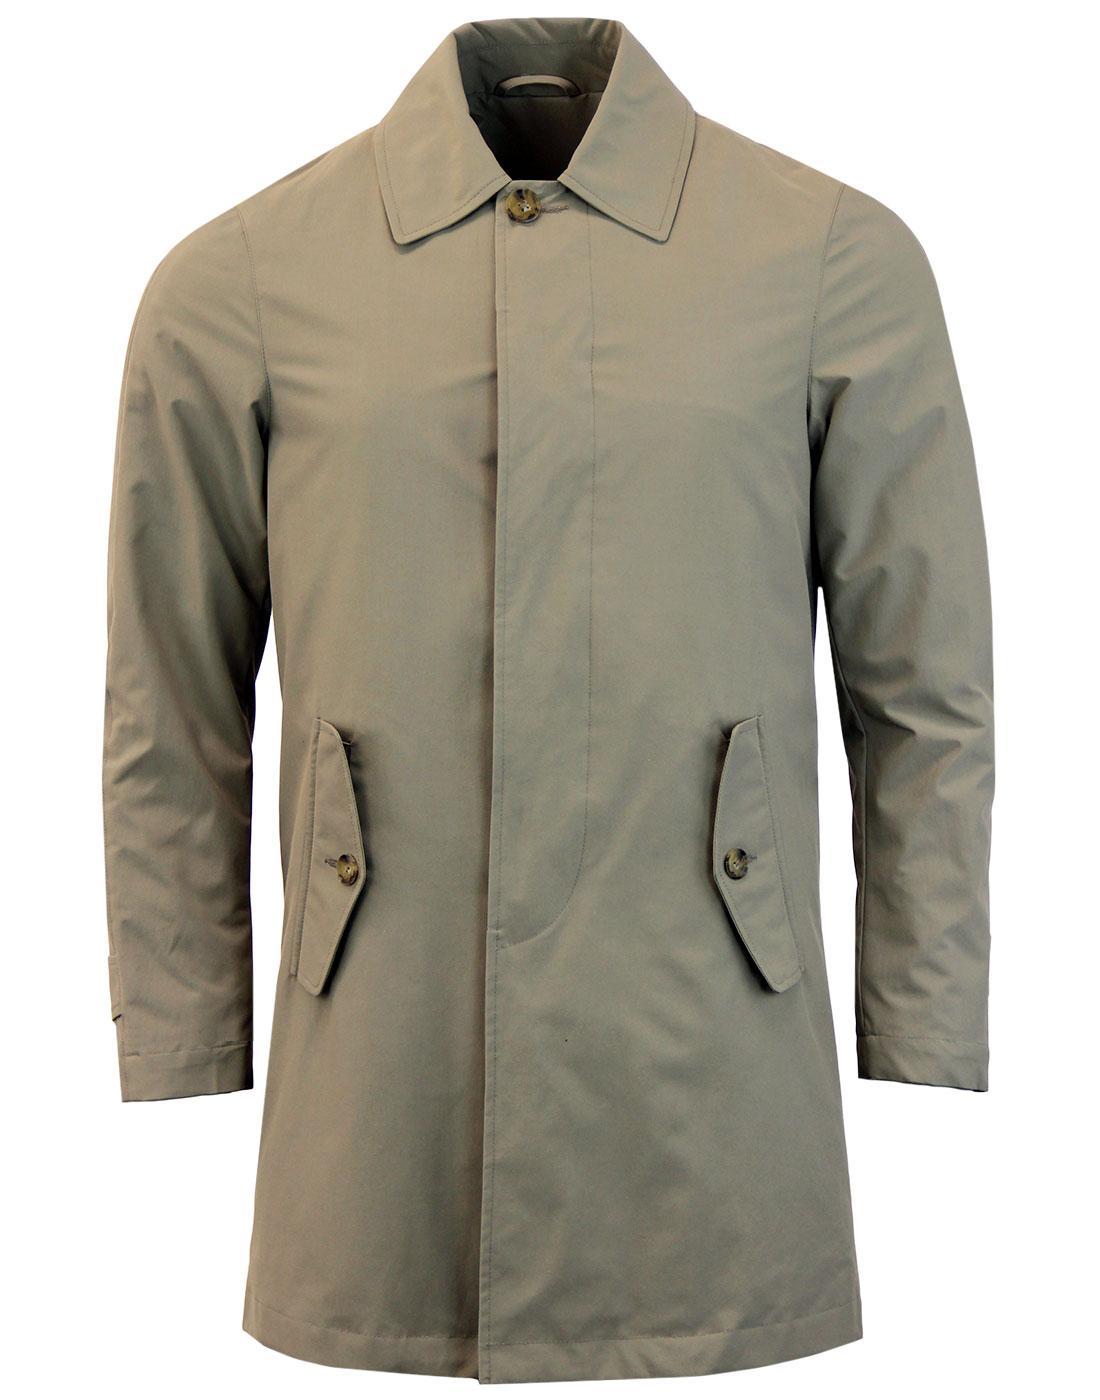 BARACUTA G10 Detachable Quilted Liner Mac Coat (T)